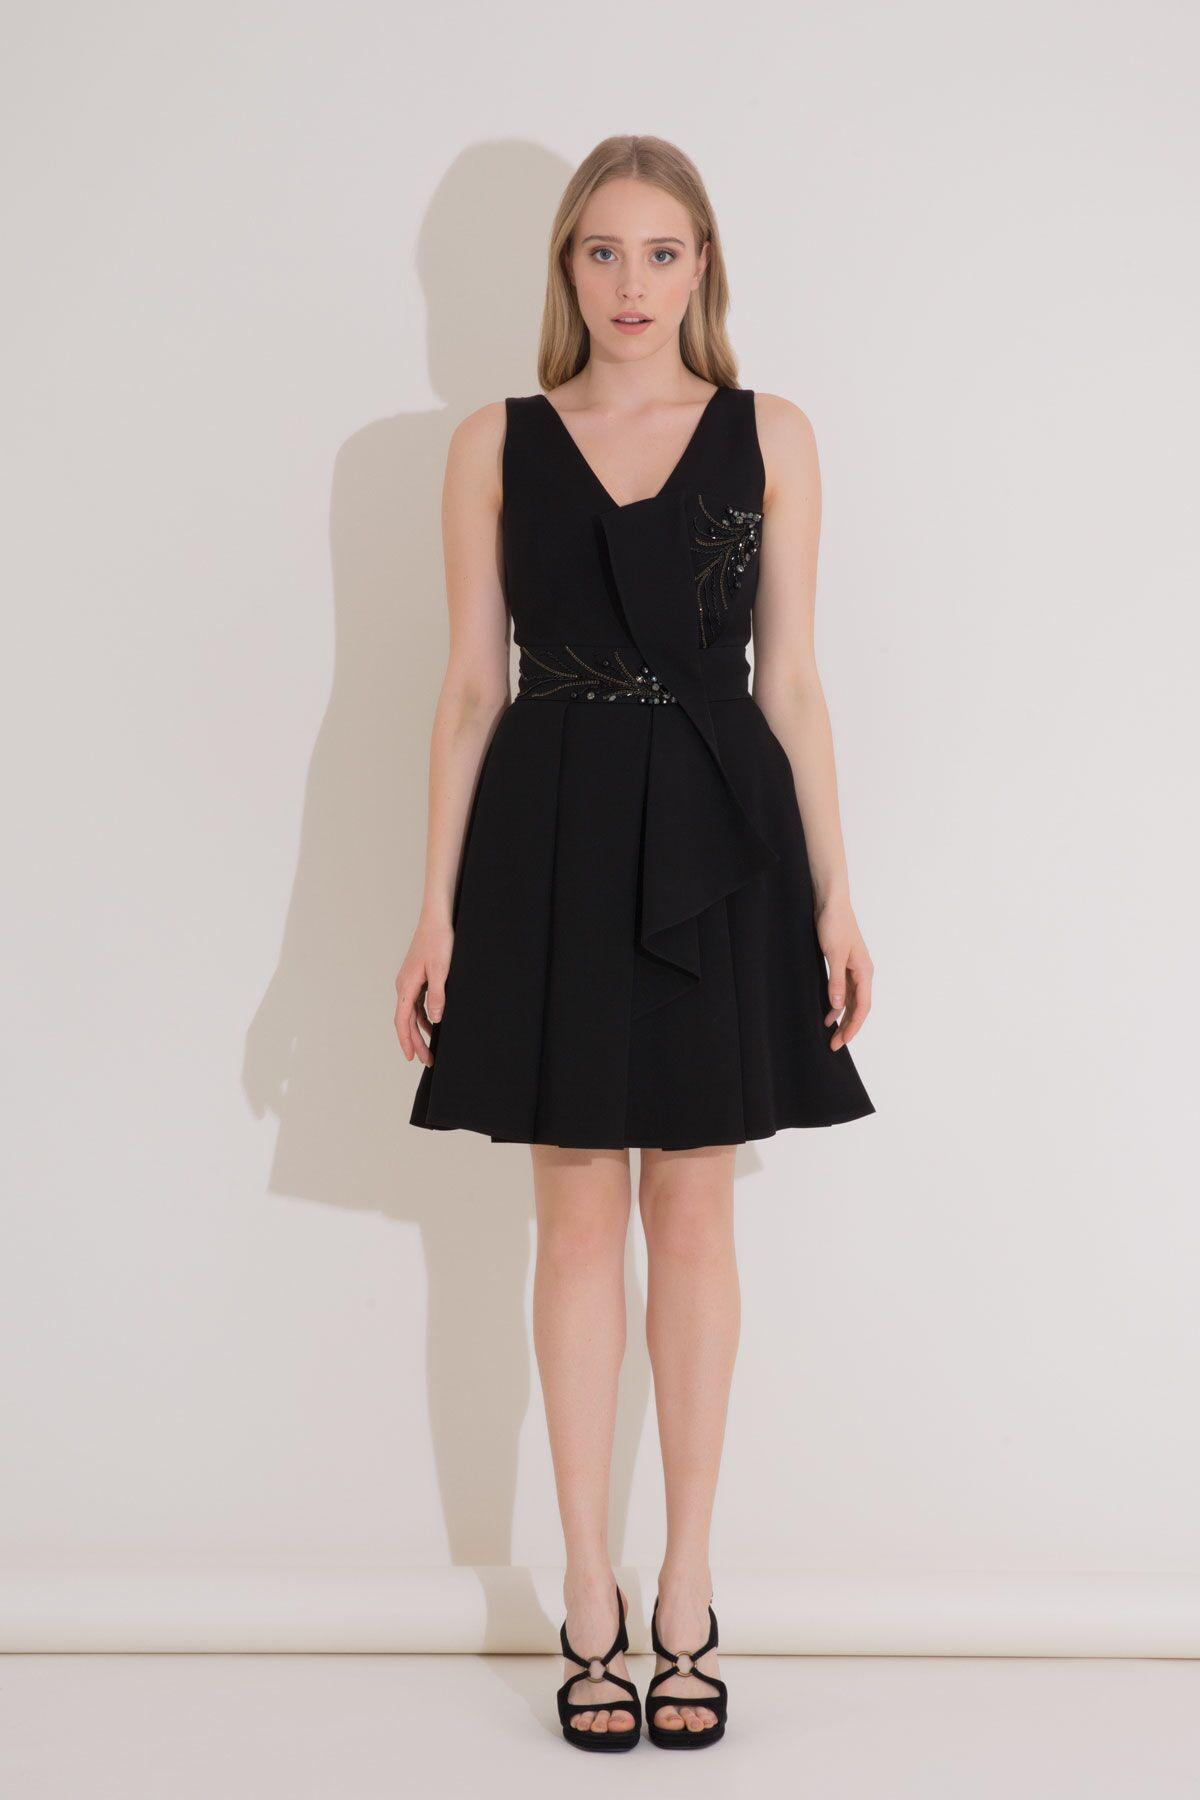 Taş İşleme ve Fiyonk Detaylı Siyah Mini Elbise